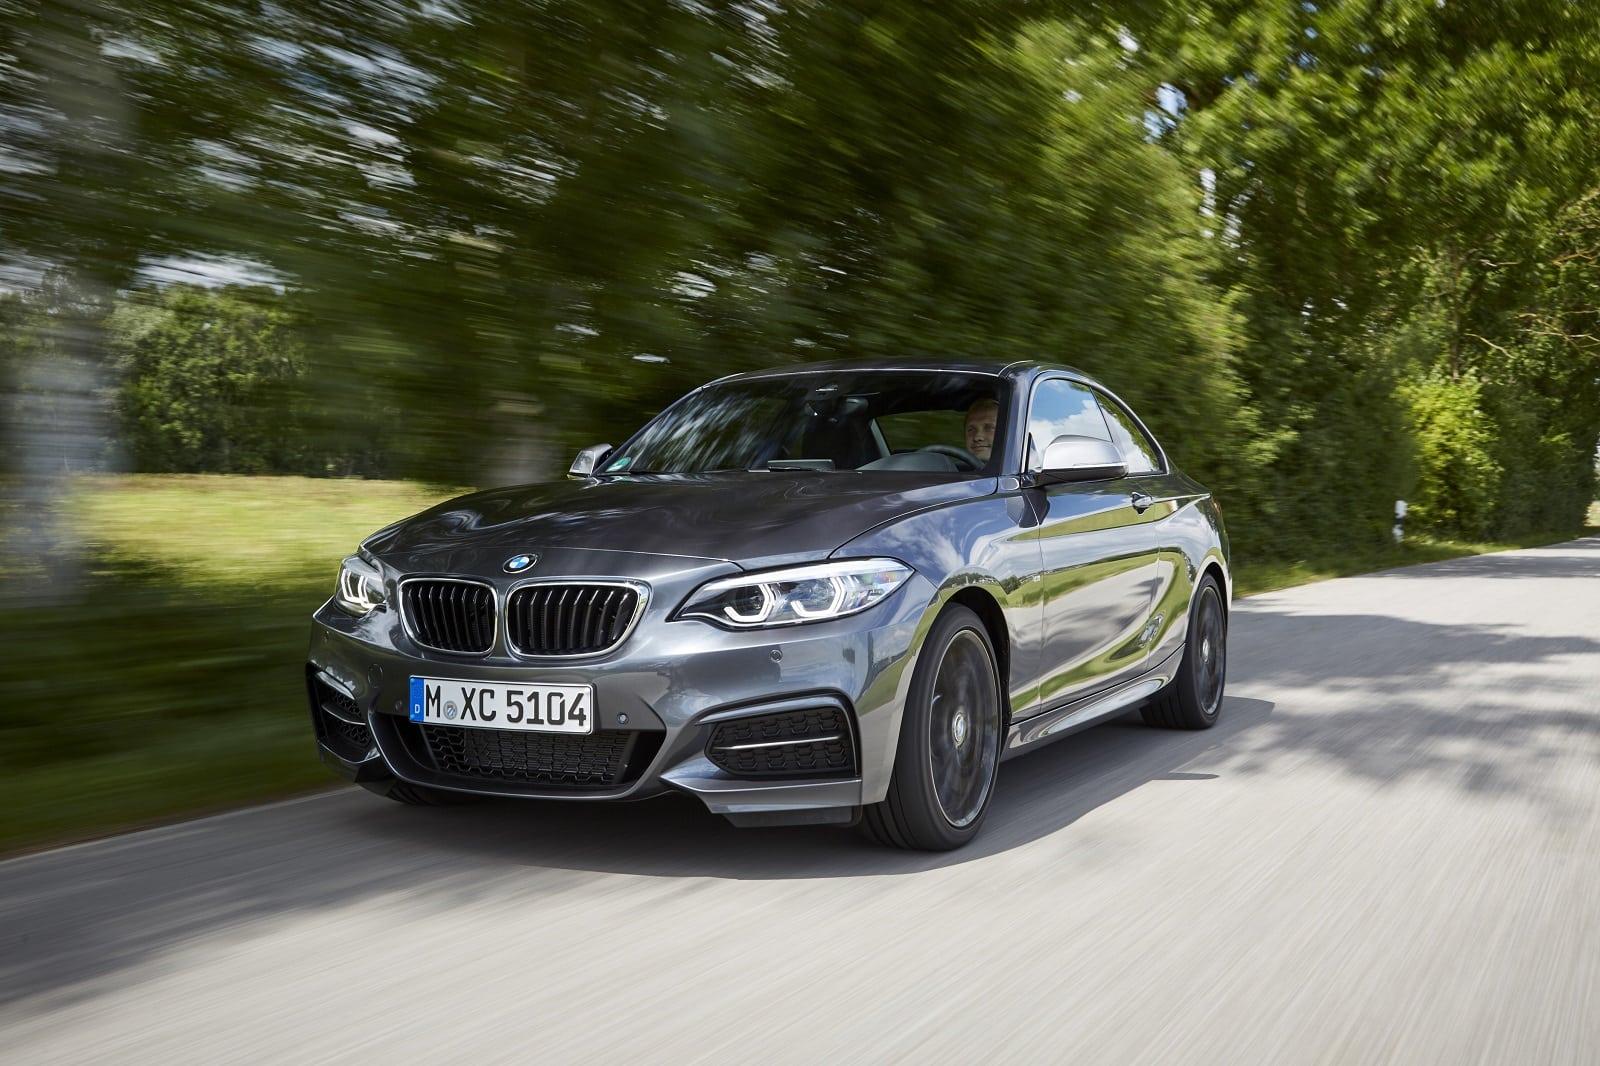 2020 BMW M240i Images